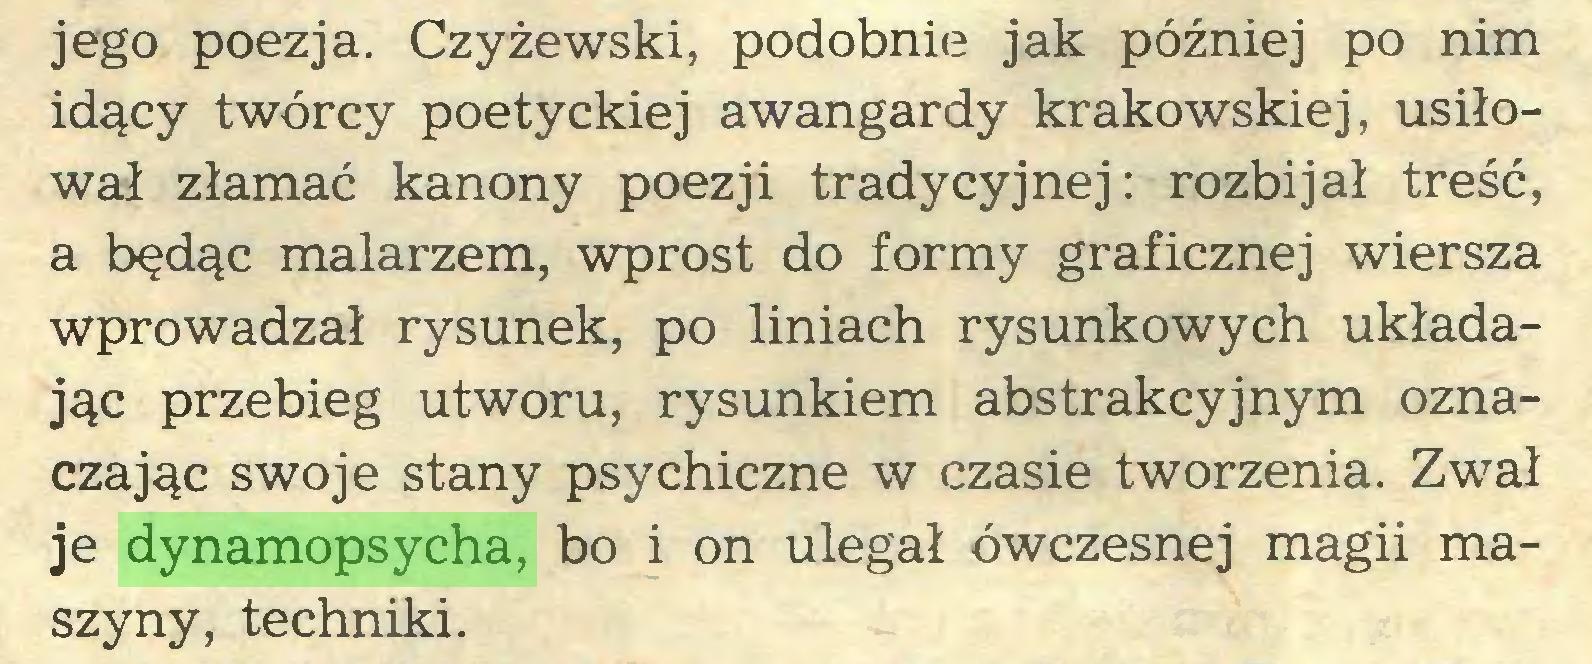 (...) jego poezja. Czyżewski, podobnie jak później po nim idący twórcy poetyckiej awangardy krakowskiej, usiłował złamać kanony poezji tradycyjnej: rozbijał treść, a będąc malarzem, wprost do formy graficznej wiersza wprowadzał rysunek, po liniach rysunkowych układając przebieg utworu, rysunkiem abstrakcyjnym oznaczając swoje stany psychiczne w czasie tworzenia. Zwał je dynamopsycha, bo i on ulegał ówczesnej magii maszyny, techniki...